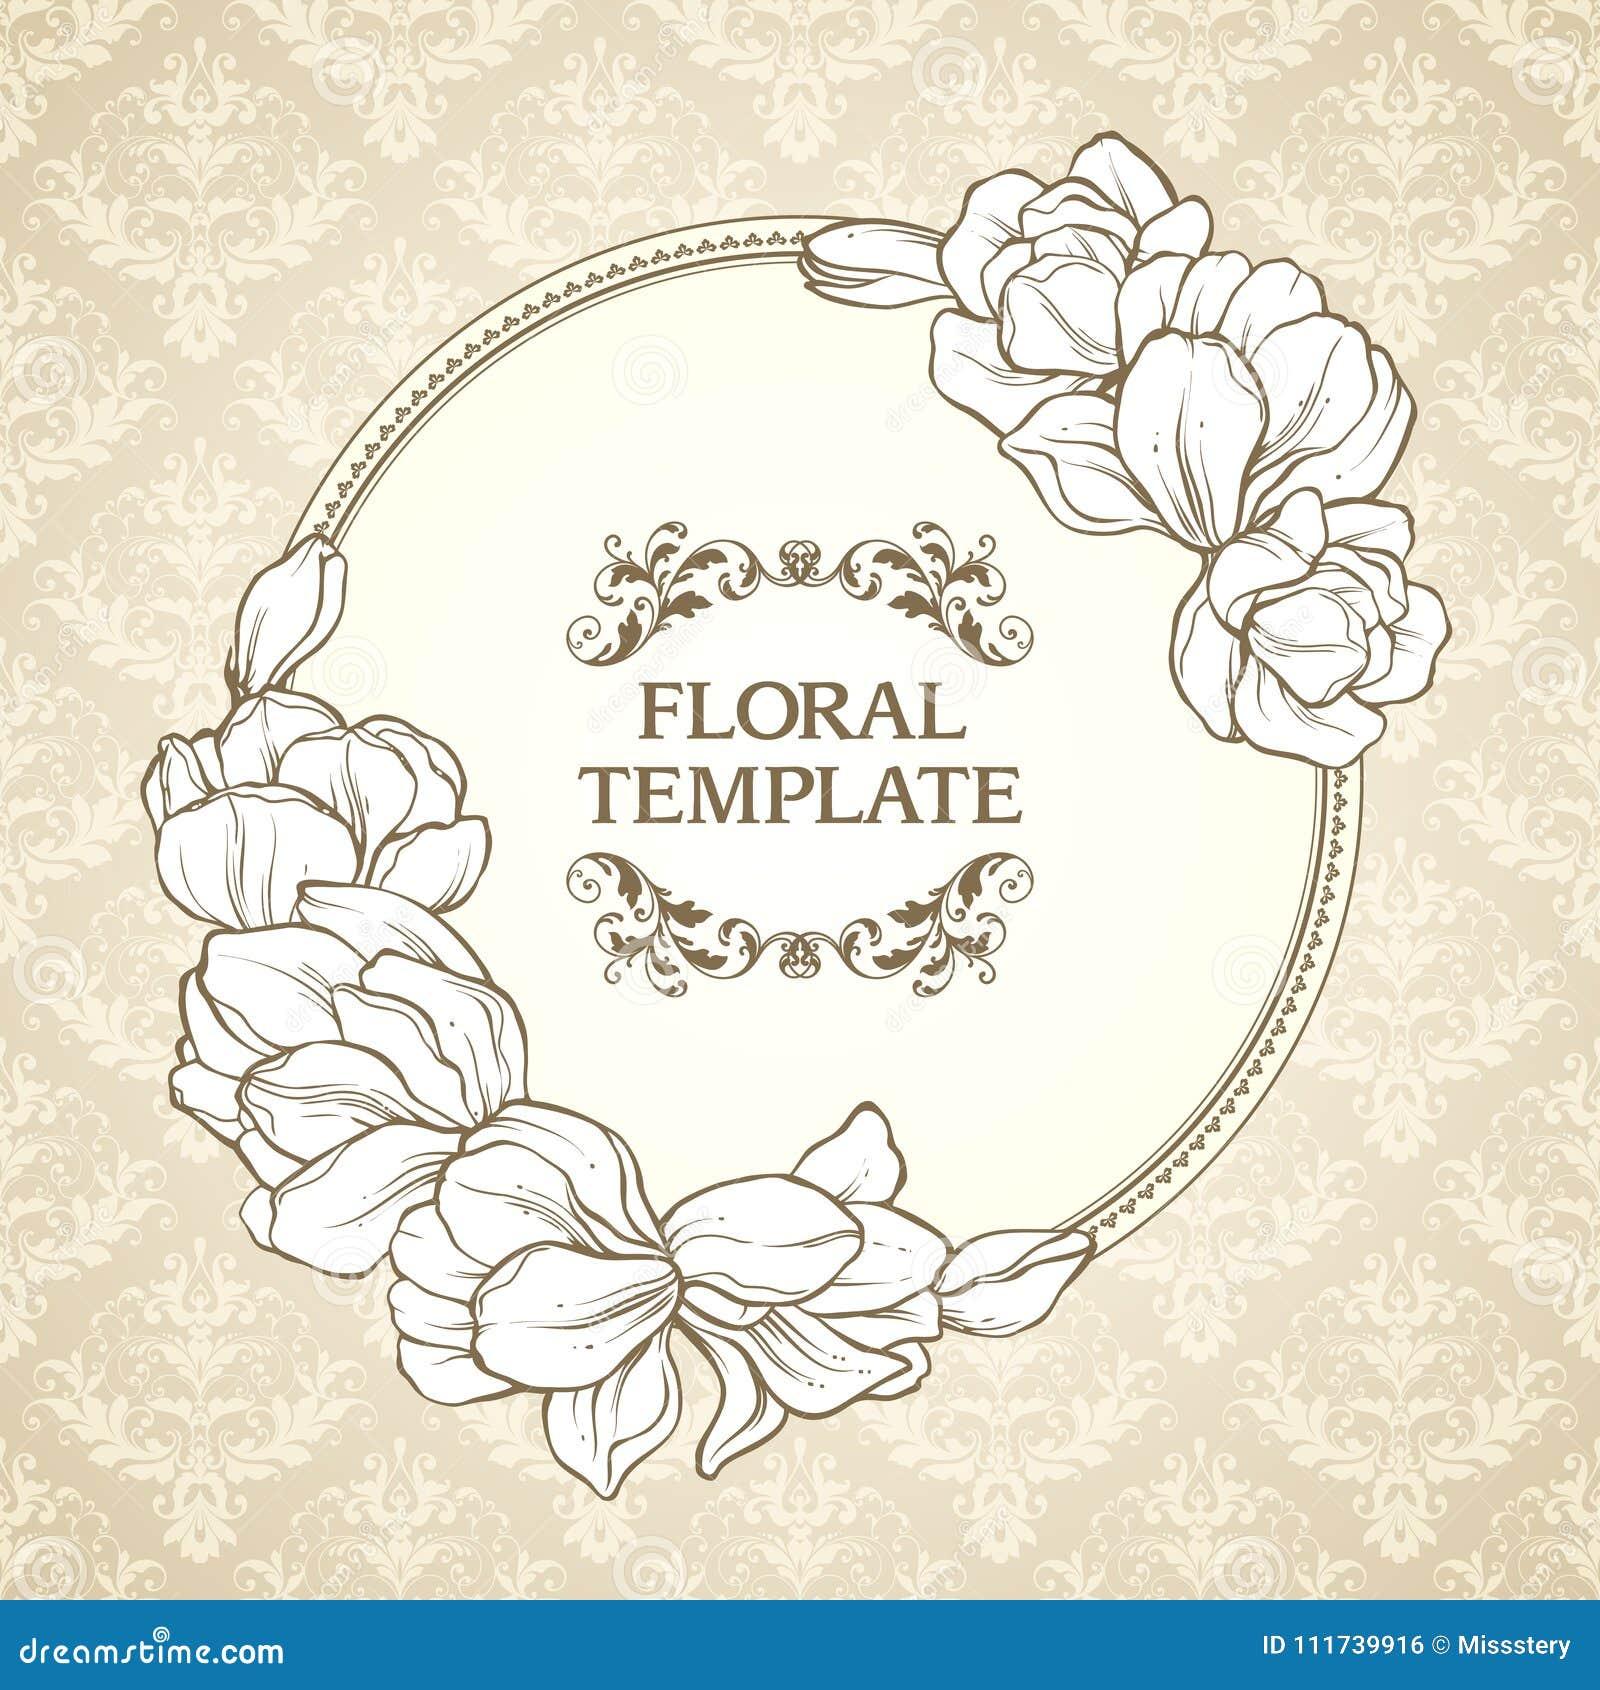 305b3277e Quadro redondo floral do vintage e fundo modelado O projeto elegante do  convite do casamento das flores, cartão, ata o molde ornamentado do vetor